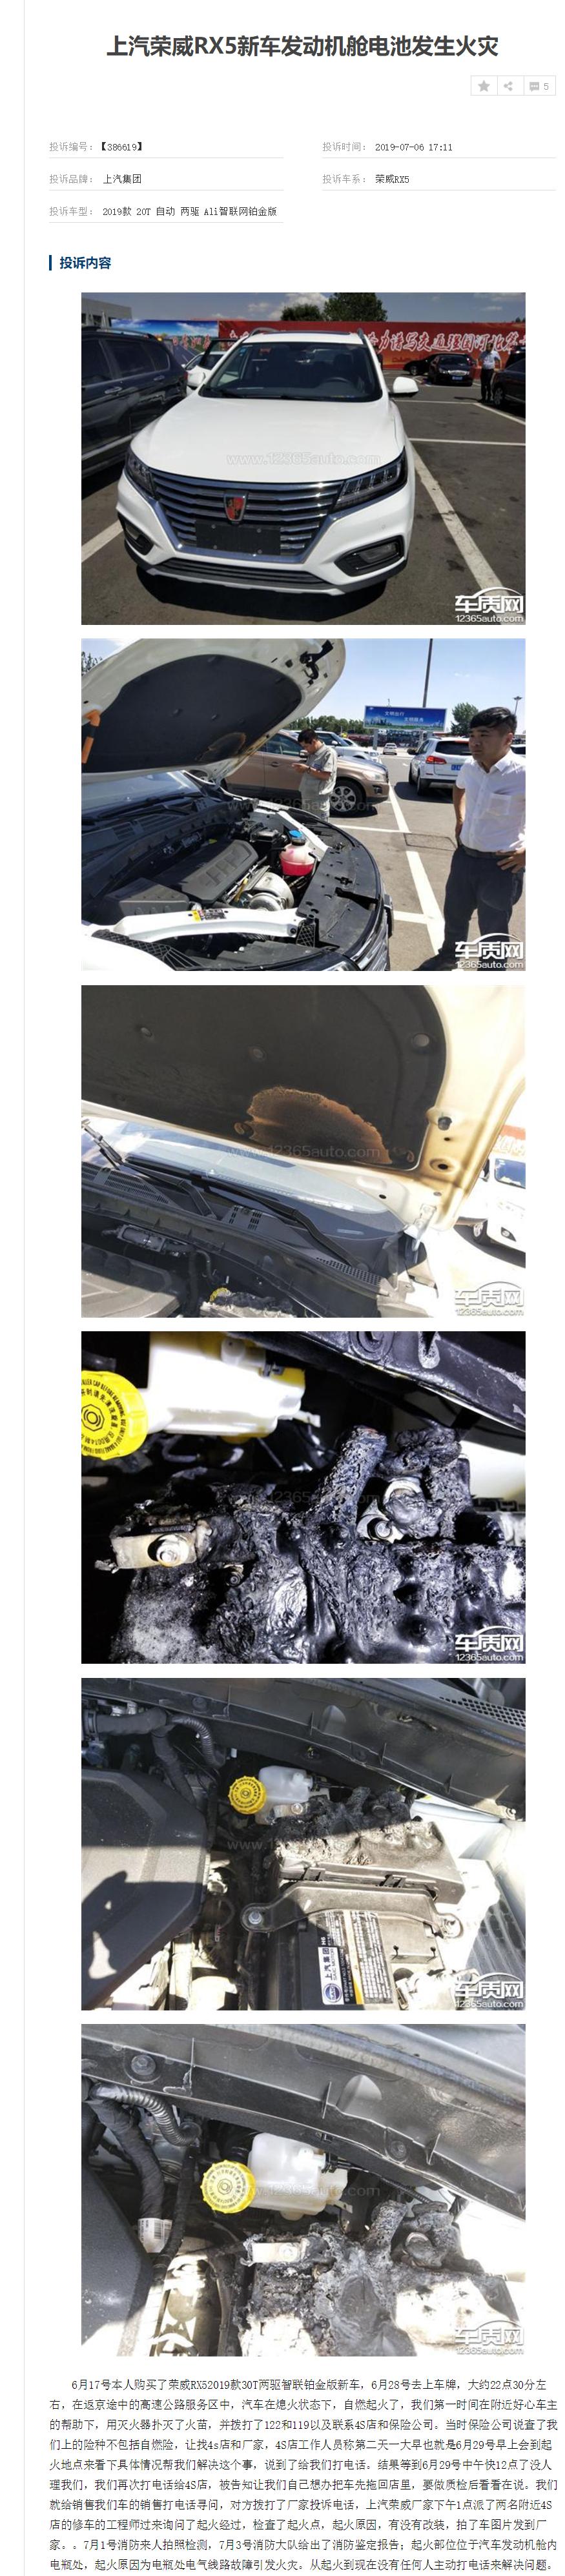 同比下滑35.4%,荣威RX5为啥销量下滑严重?车主:车辆自燃